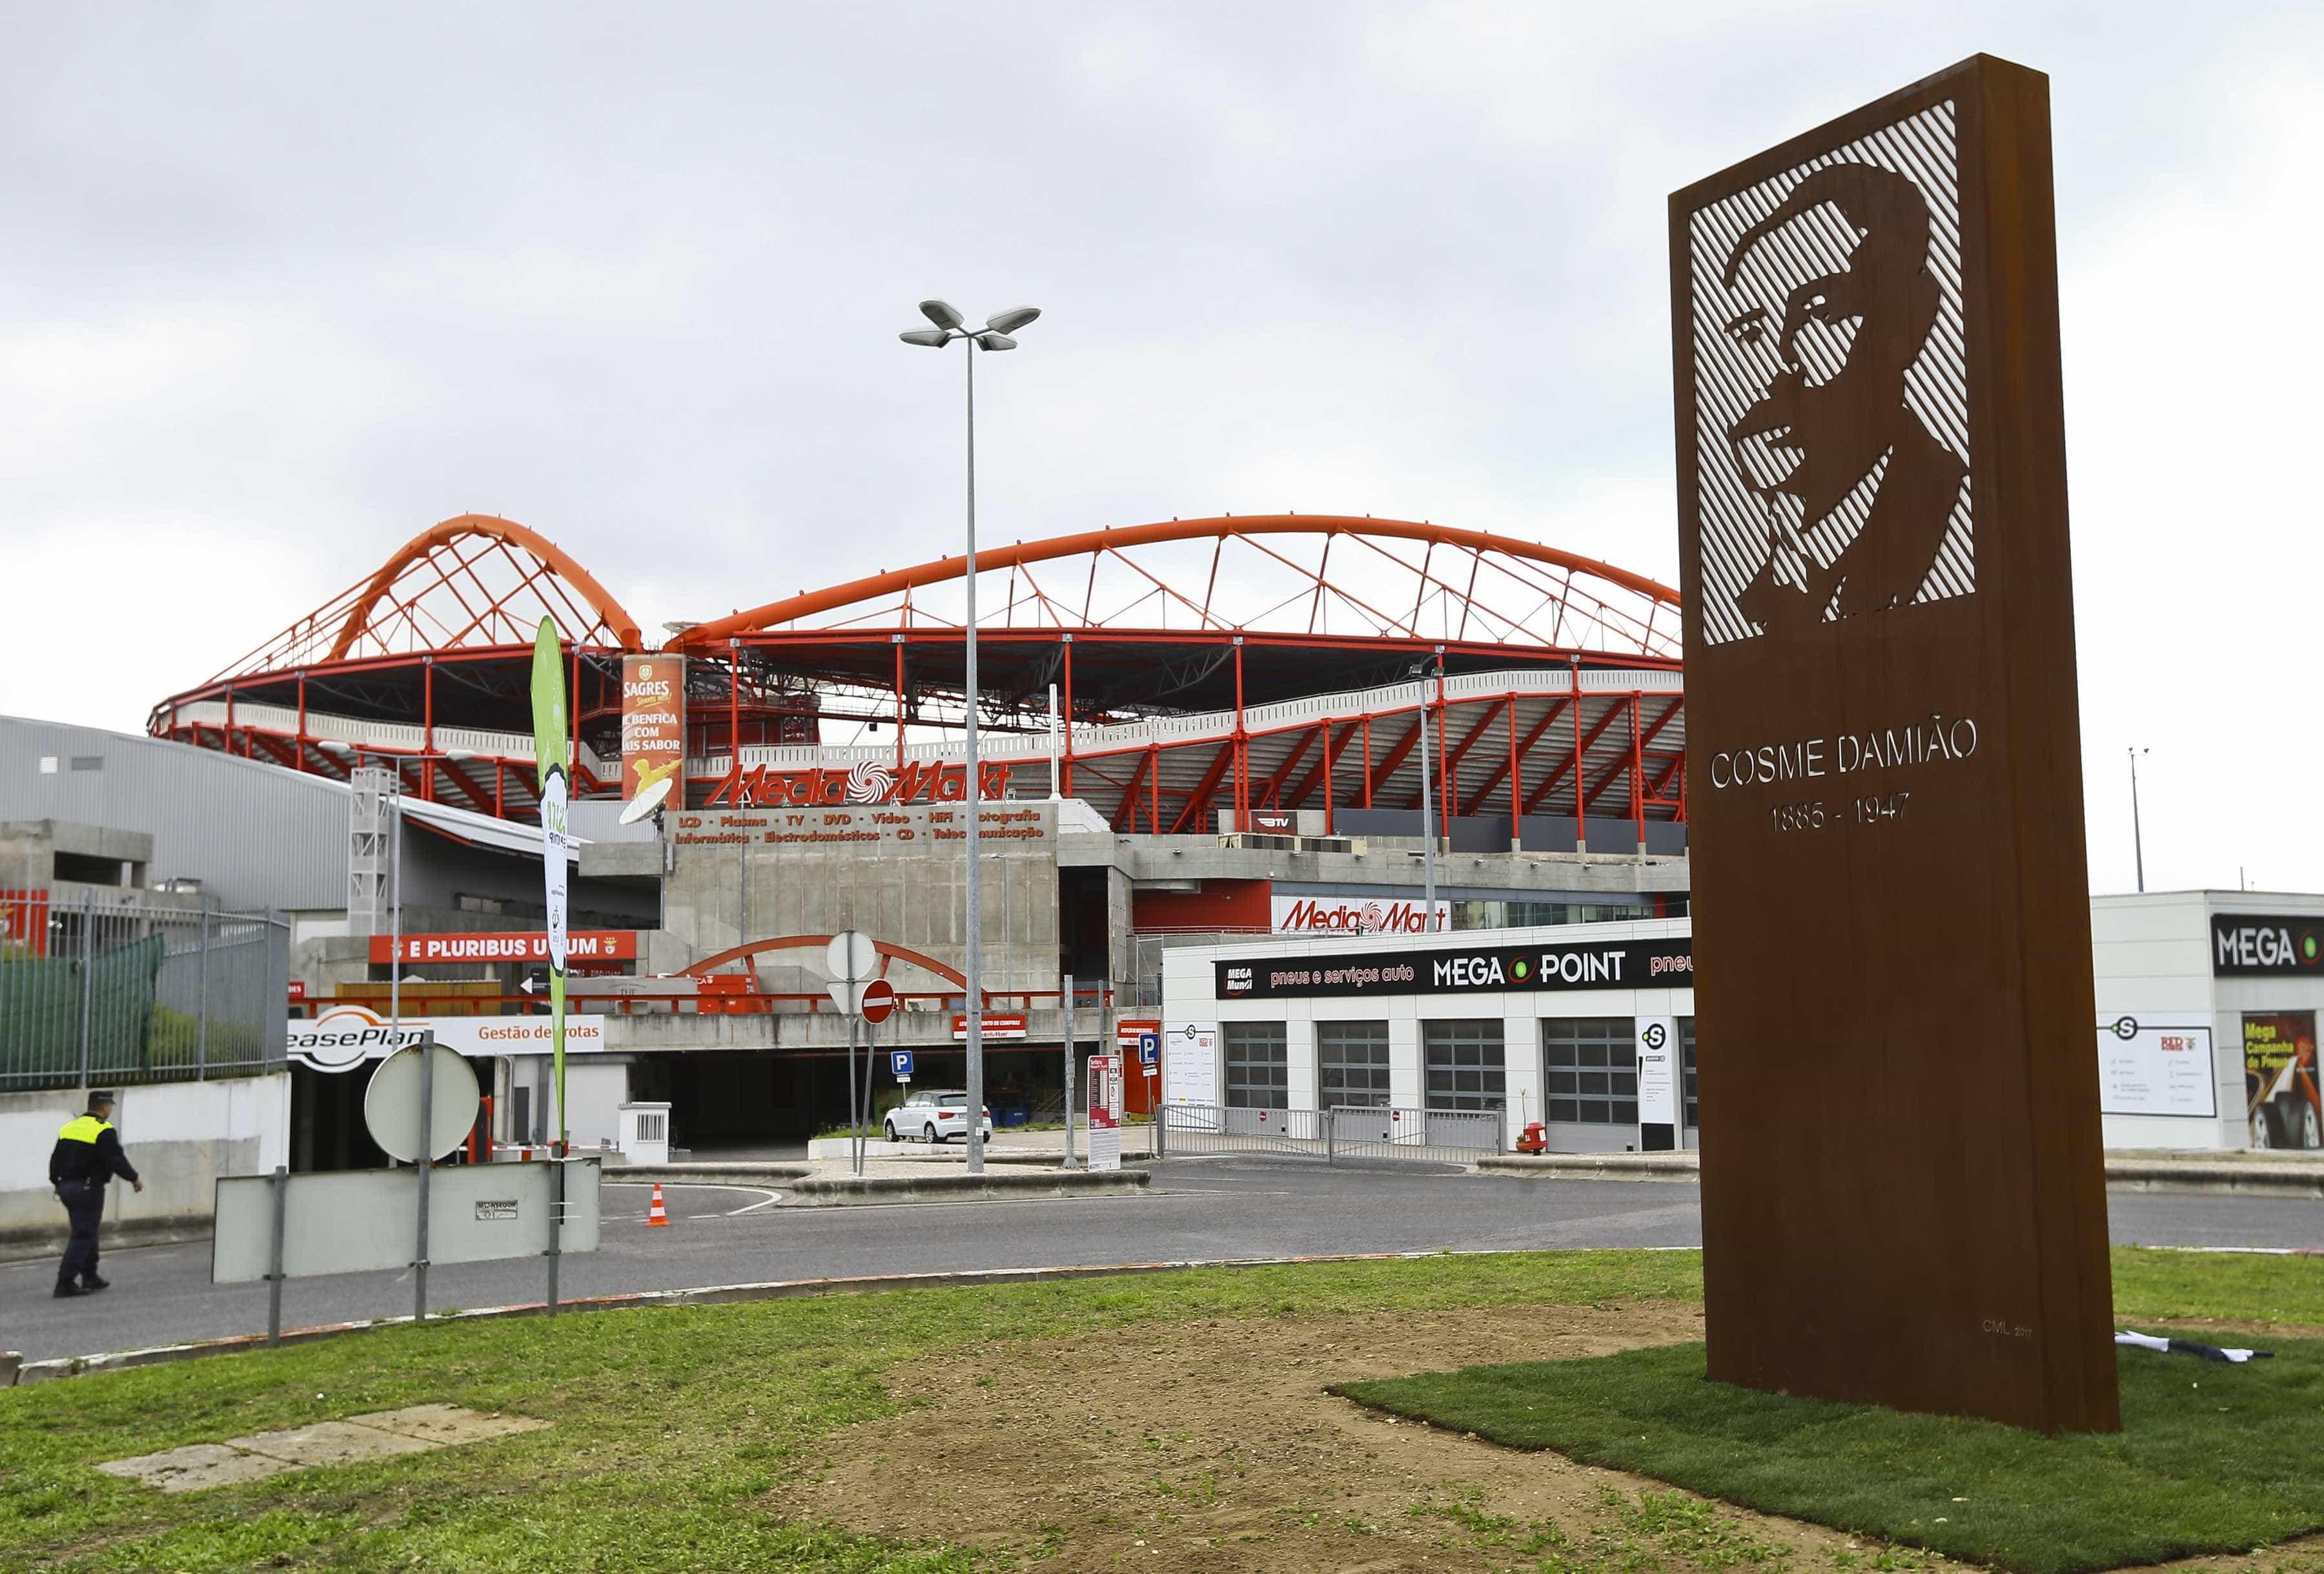 Benfica apresenta providência cautelar e suspende interdição da Luz